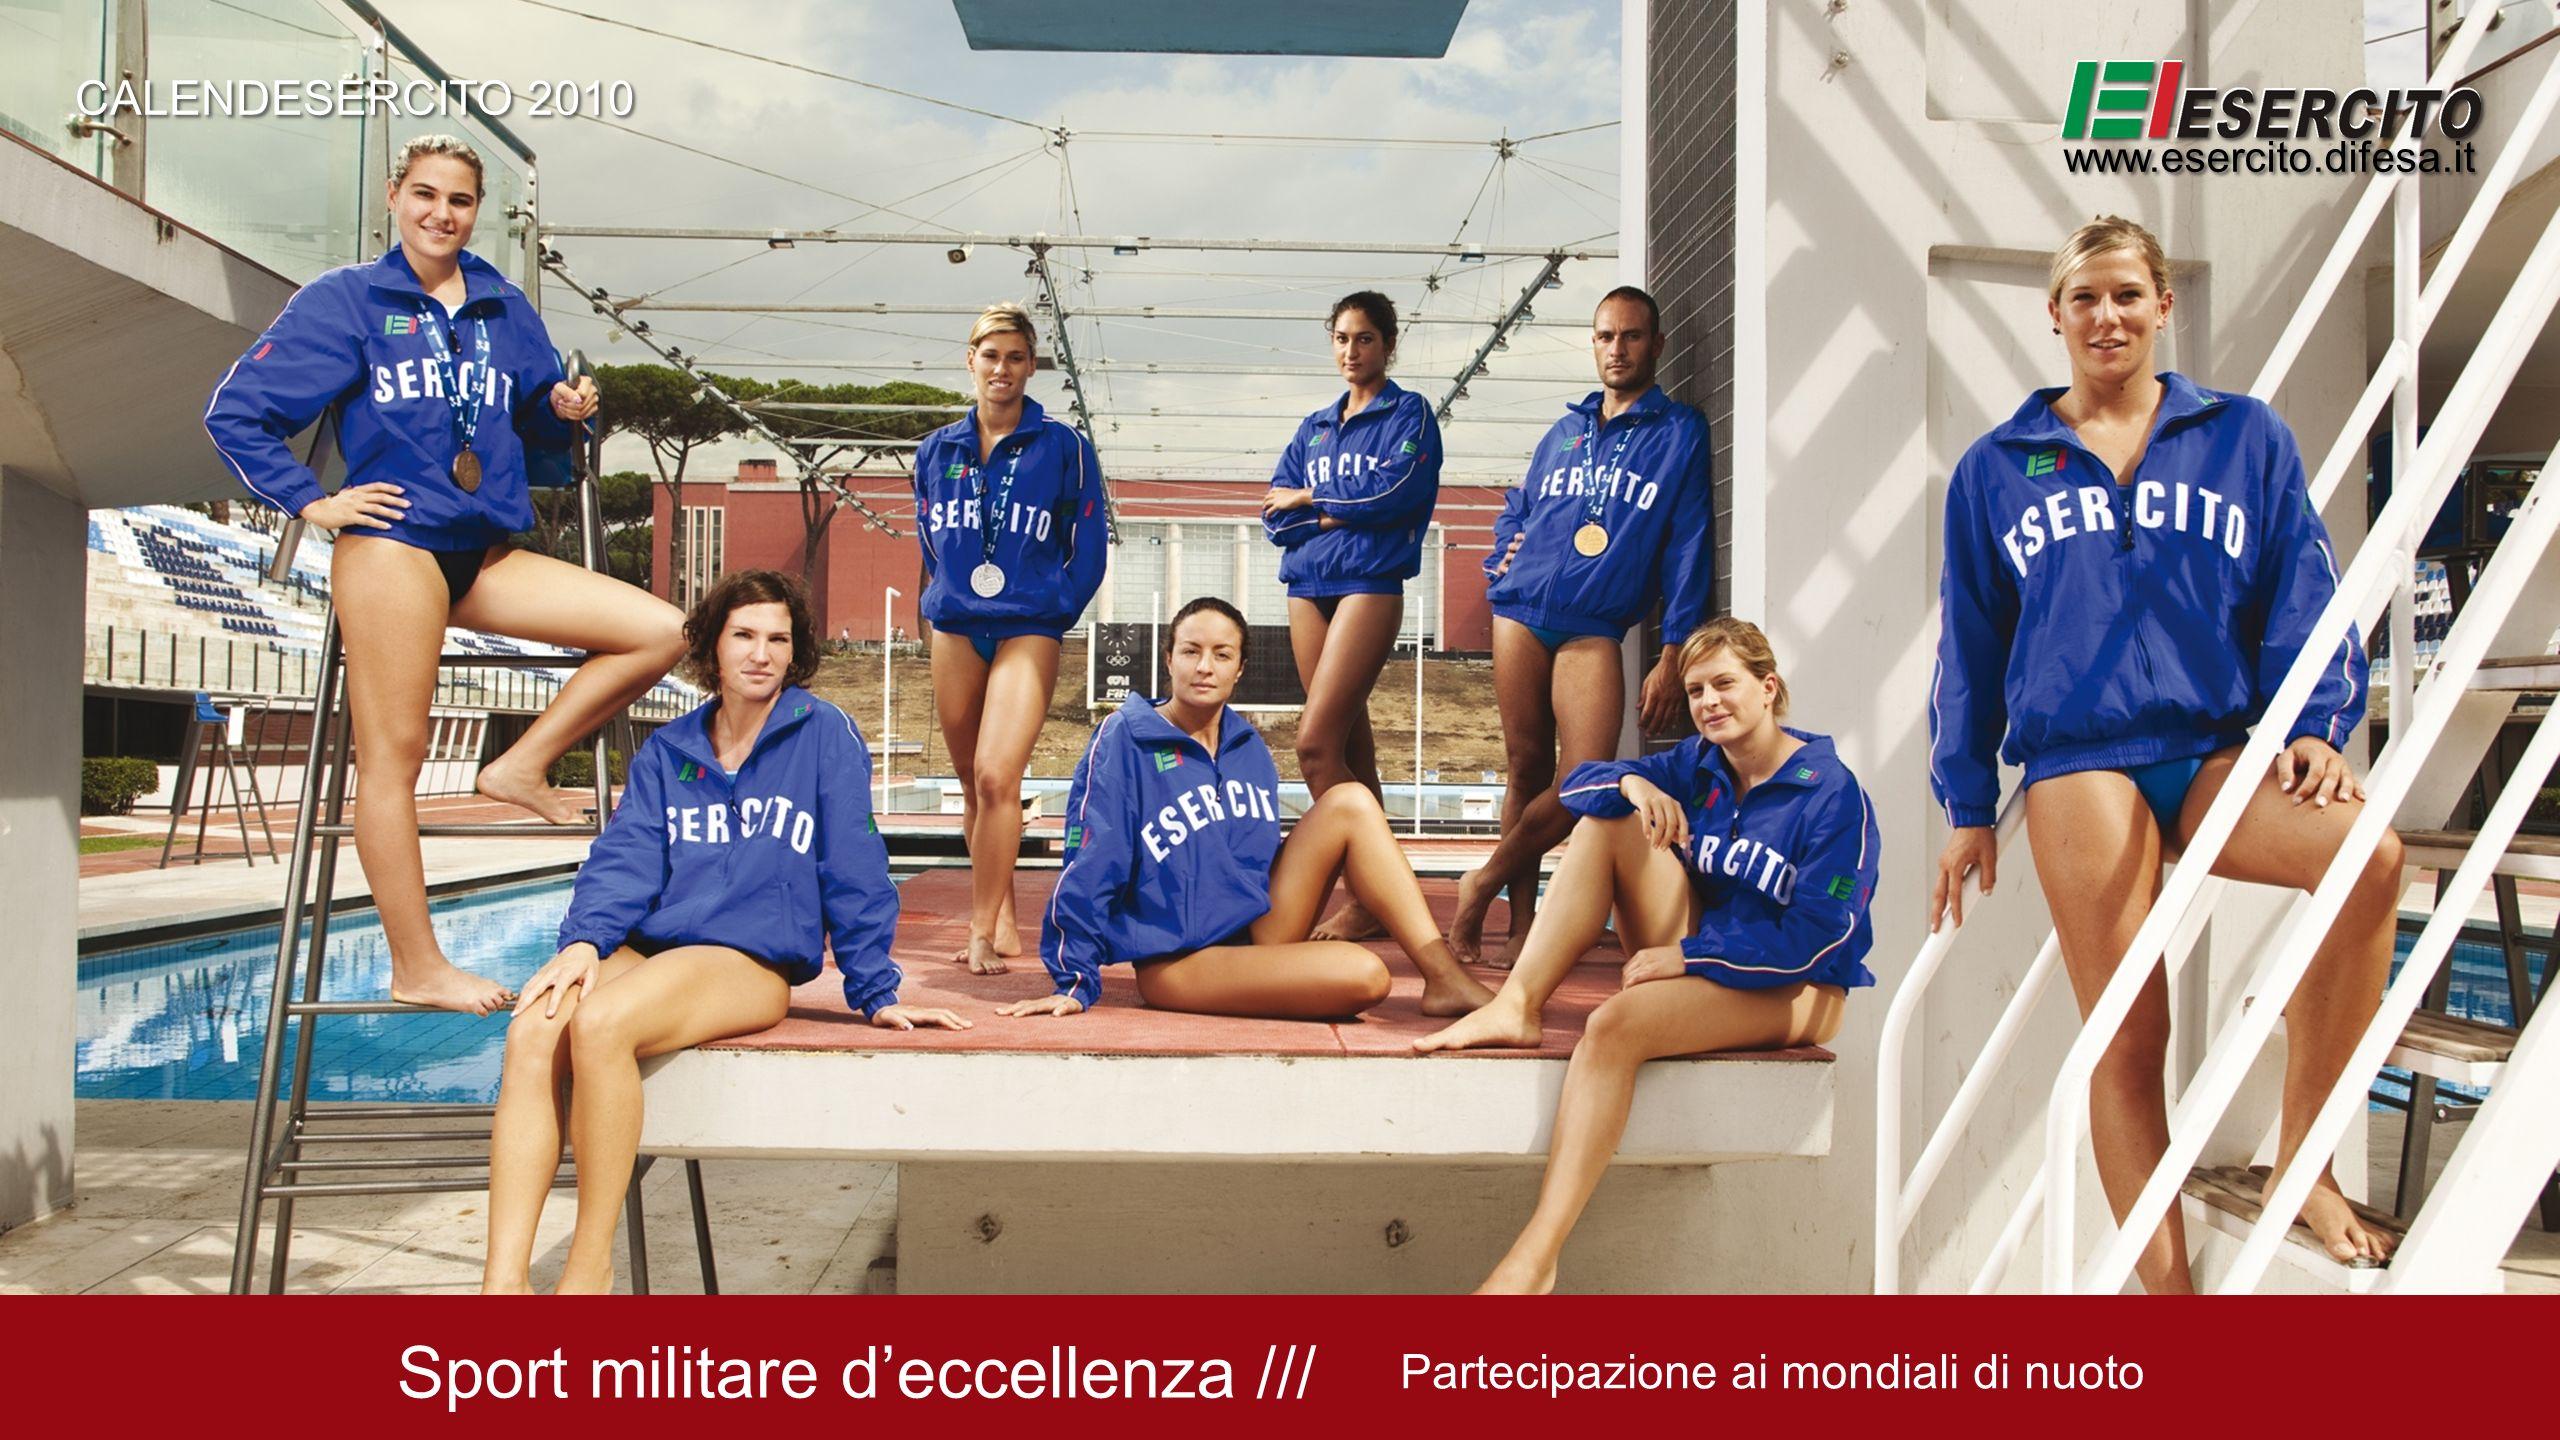 Sport militare deccellenza /// Partecipazione ai mondiali di nuoto CALENDESERCITO 2010 www.esercito.difesa.it